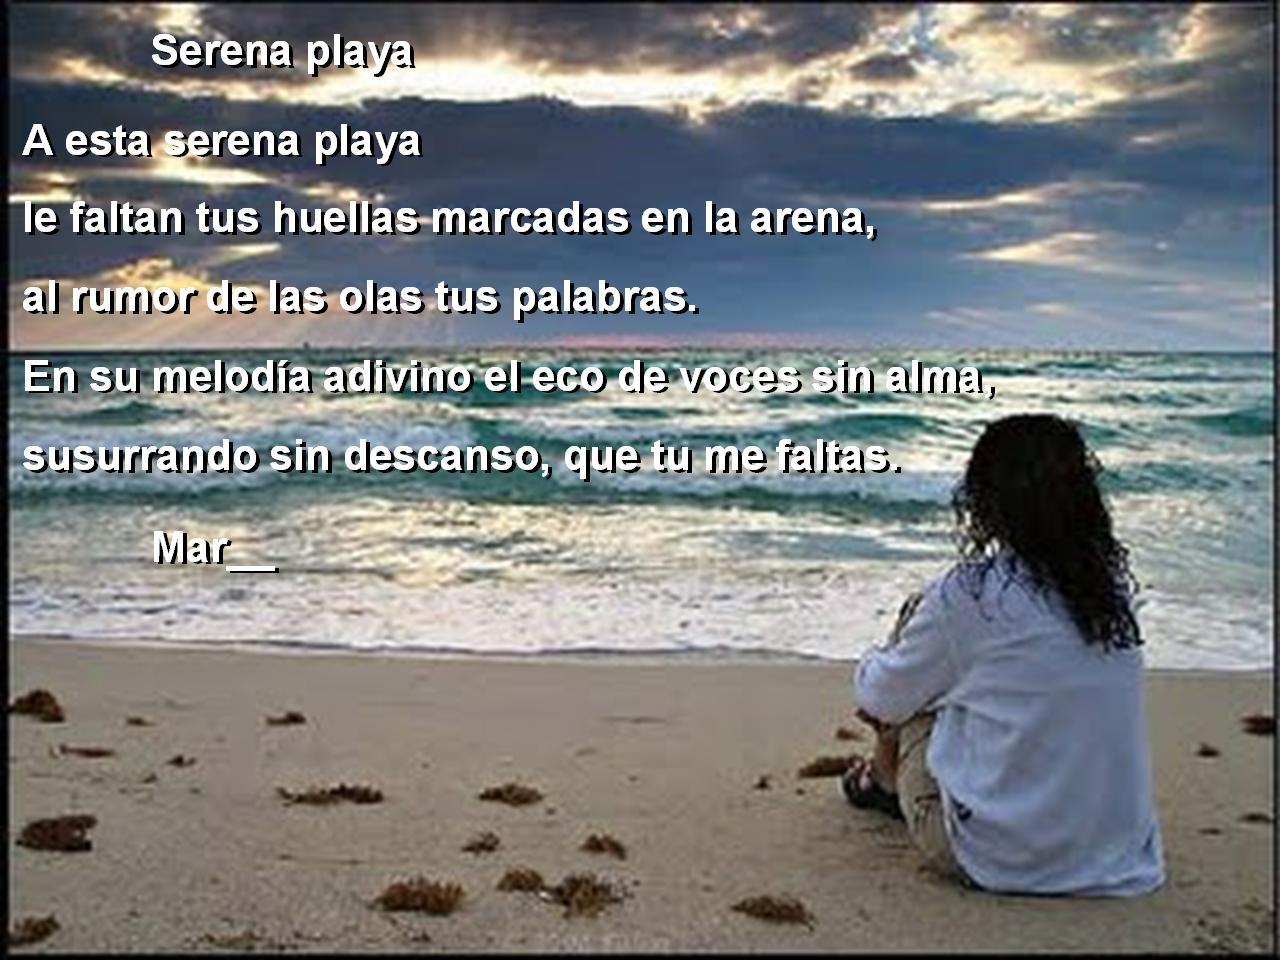 Poemas con imagenes Mar__022-serena-playa